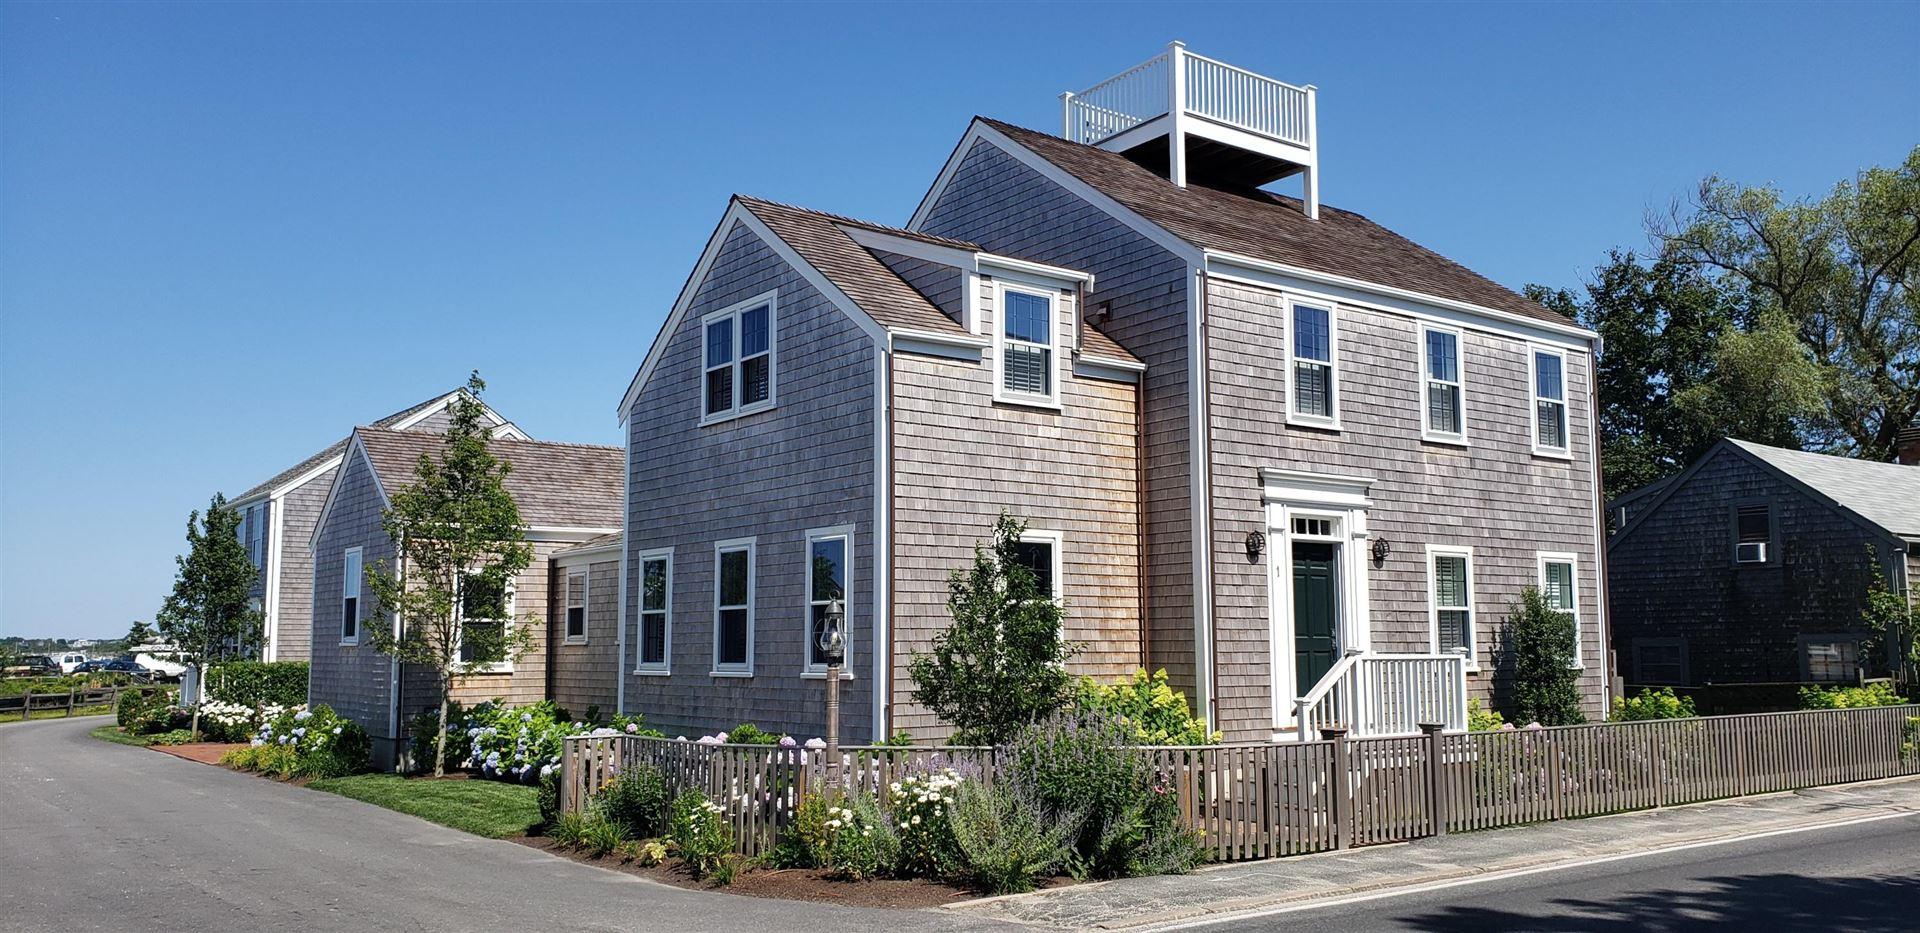 Photo of 1 Mariner Way, Nantucket, MA 02554 (MLS # 22102510)